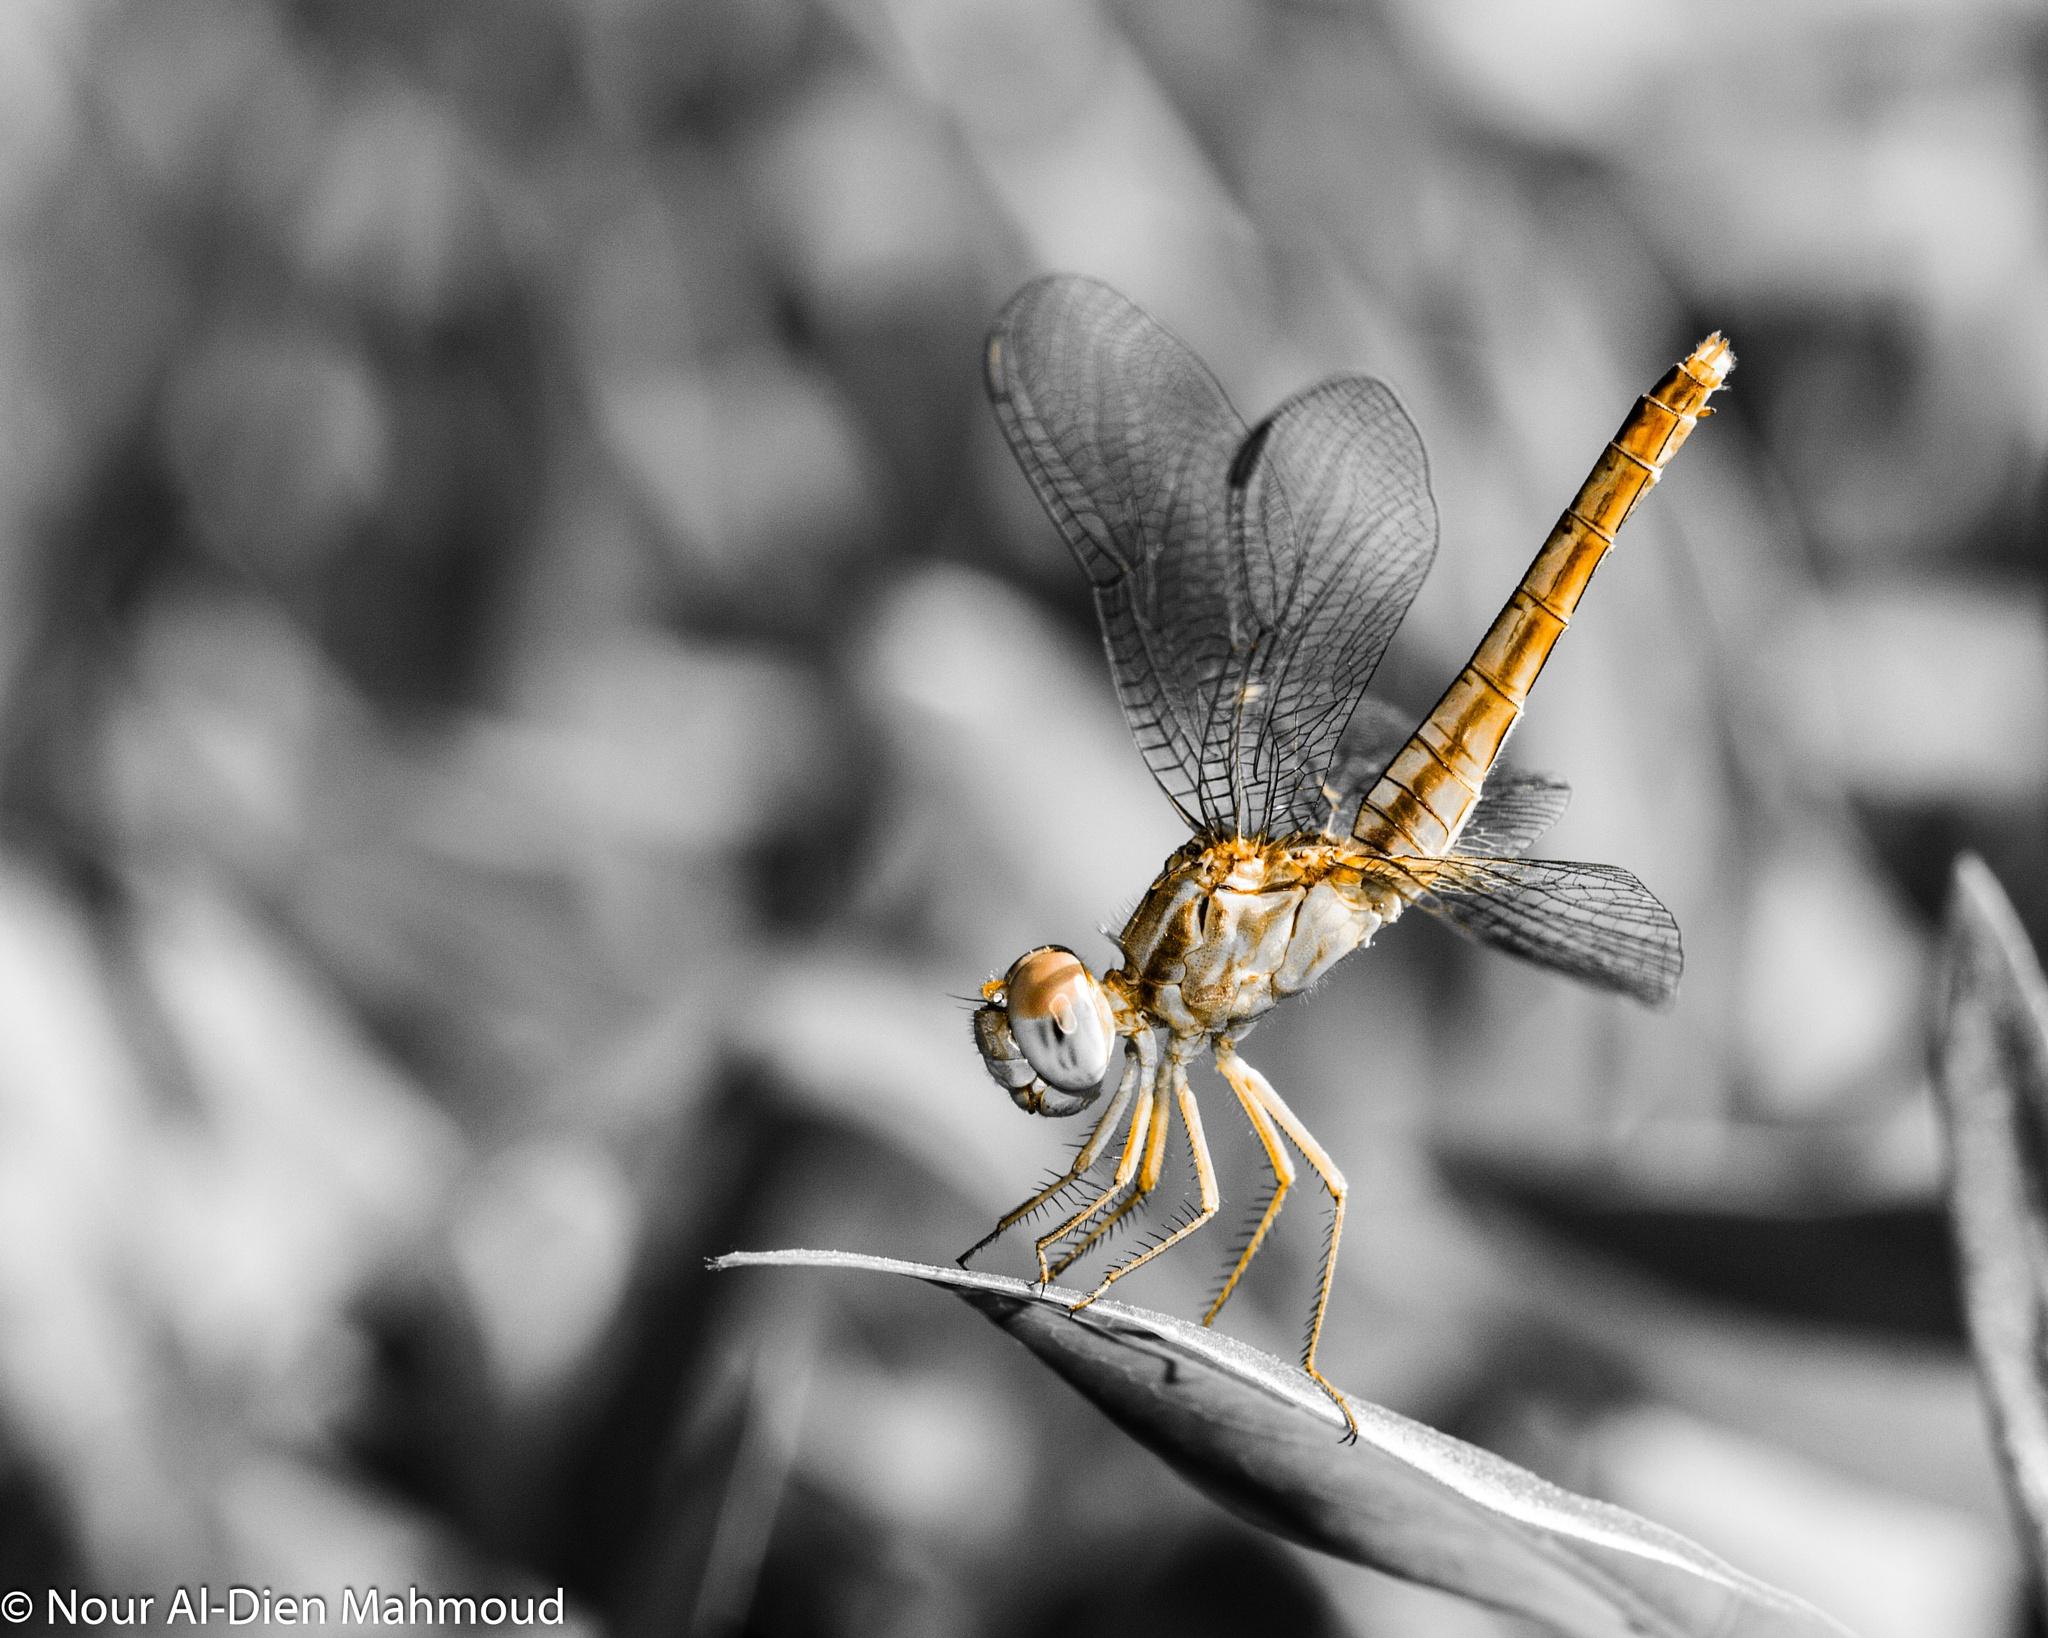 Dragonfly by Nour Al-Dien Mahmoud